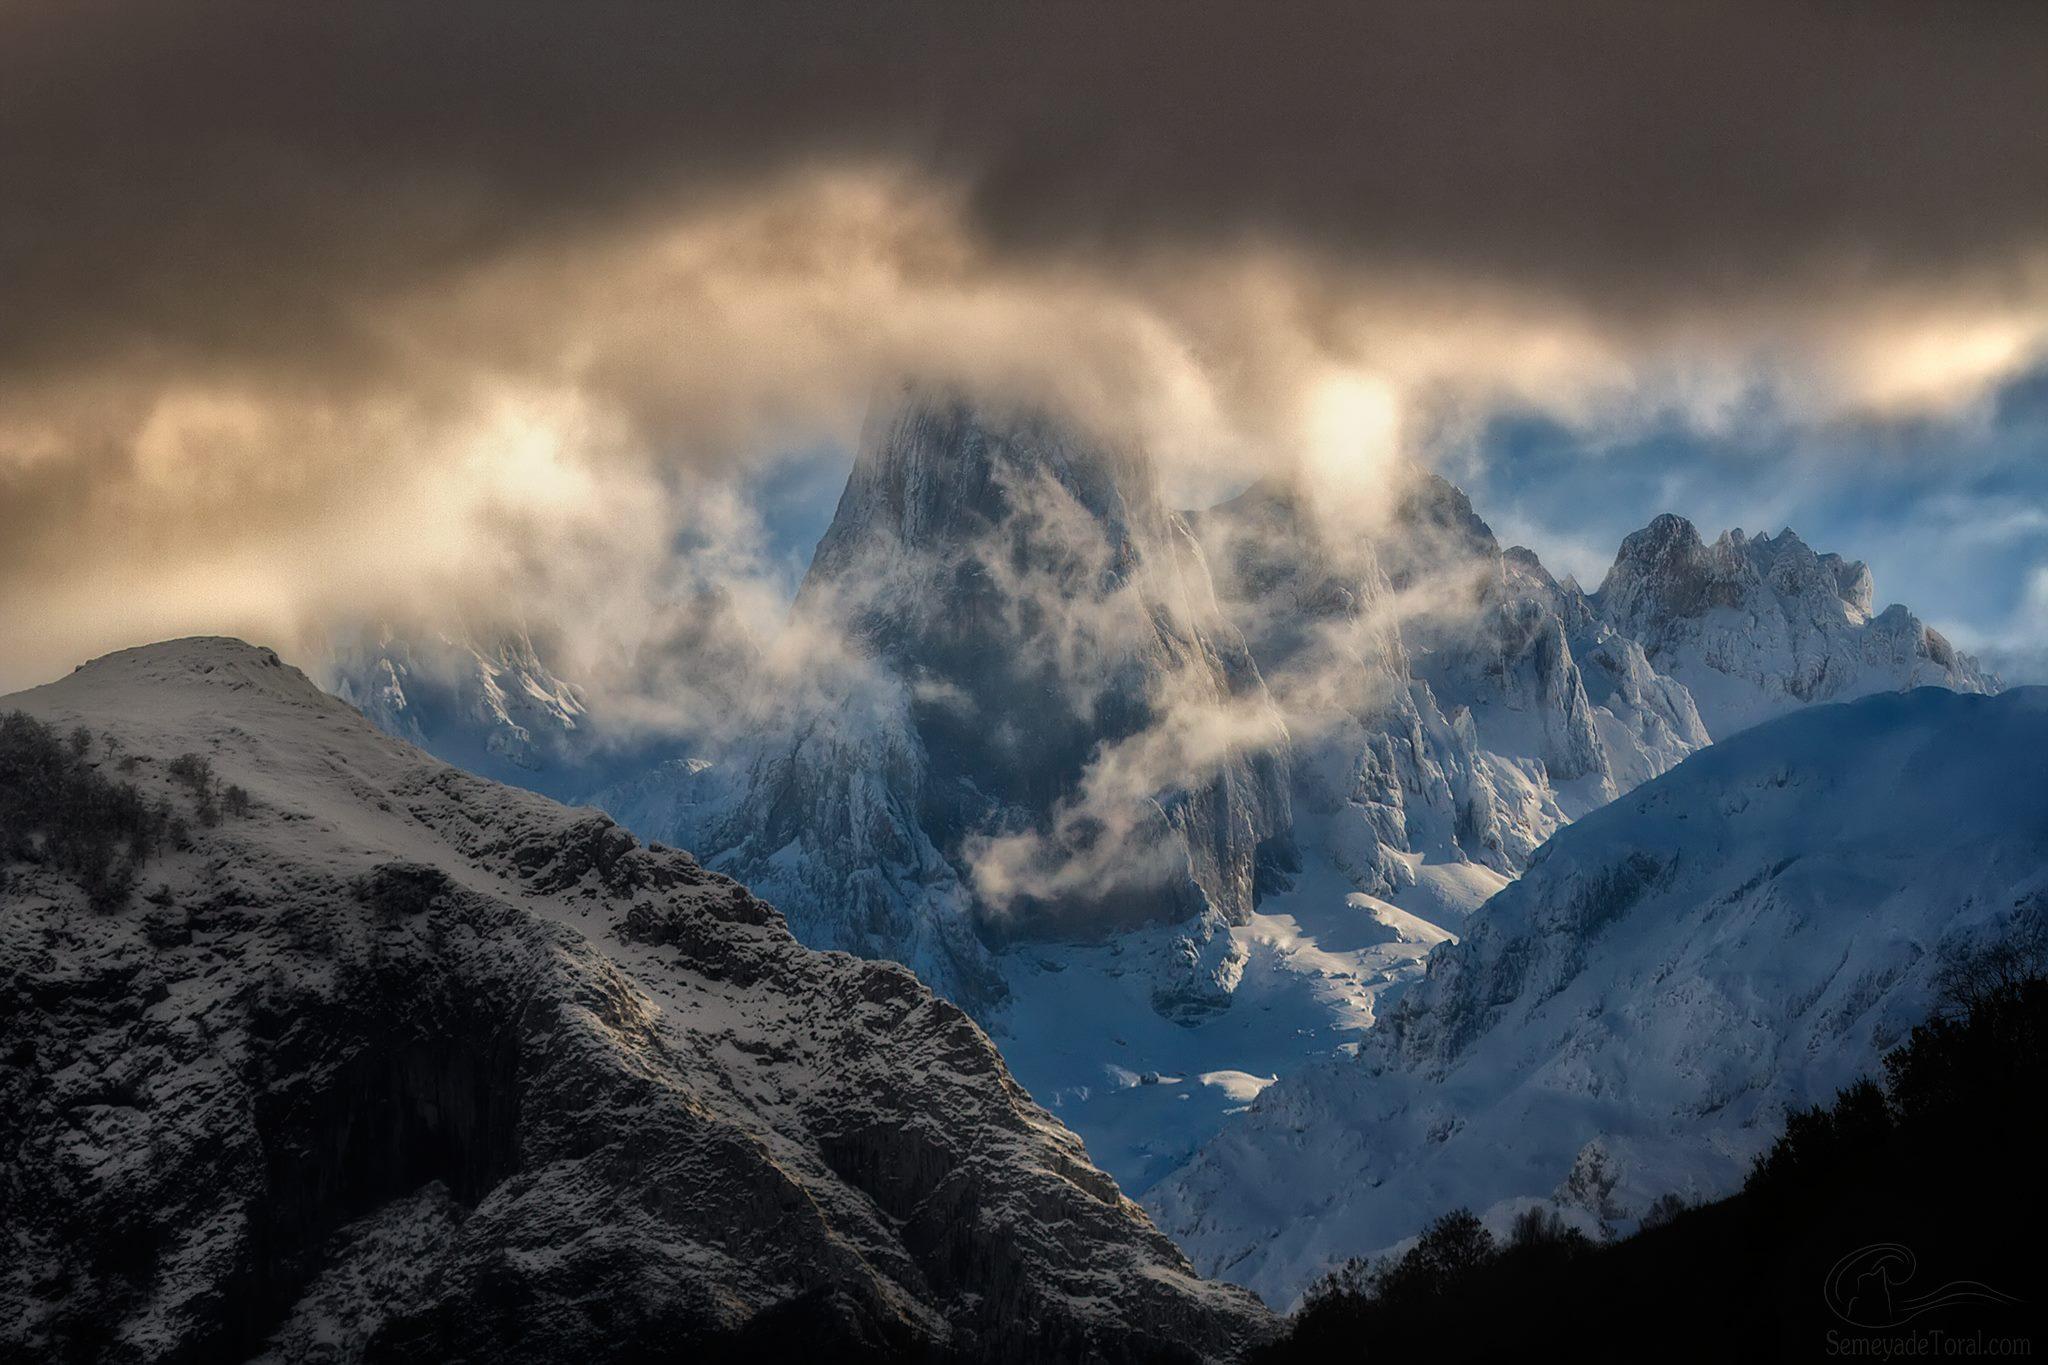 Entre nubes y claro, asoma el rey. - MONTAÑA - Semeya  de Toral